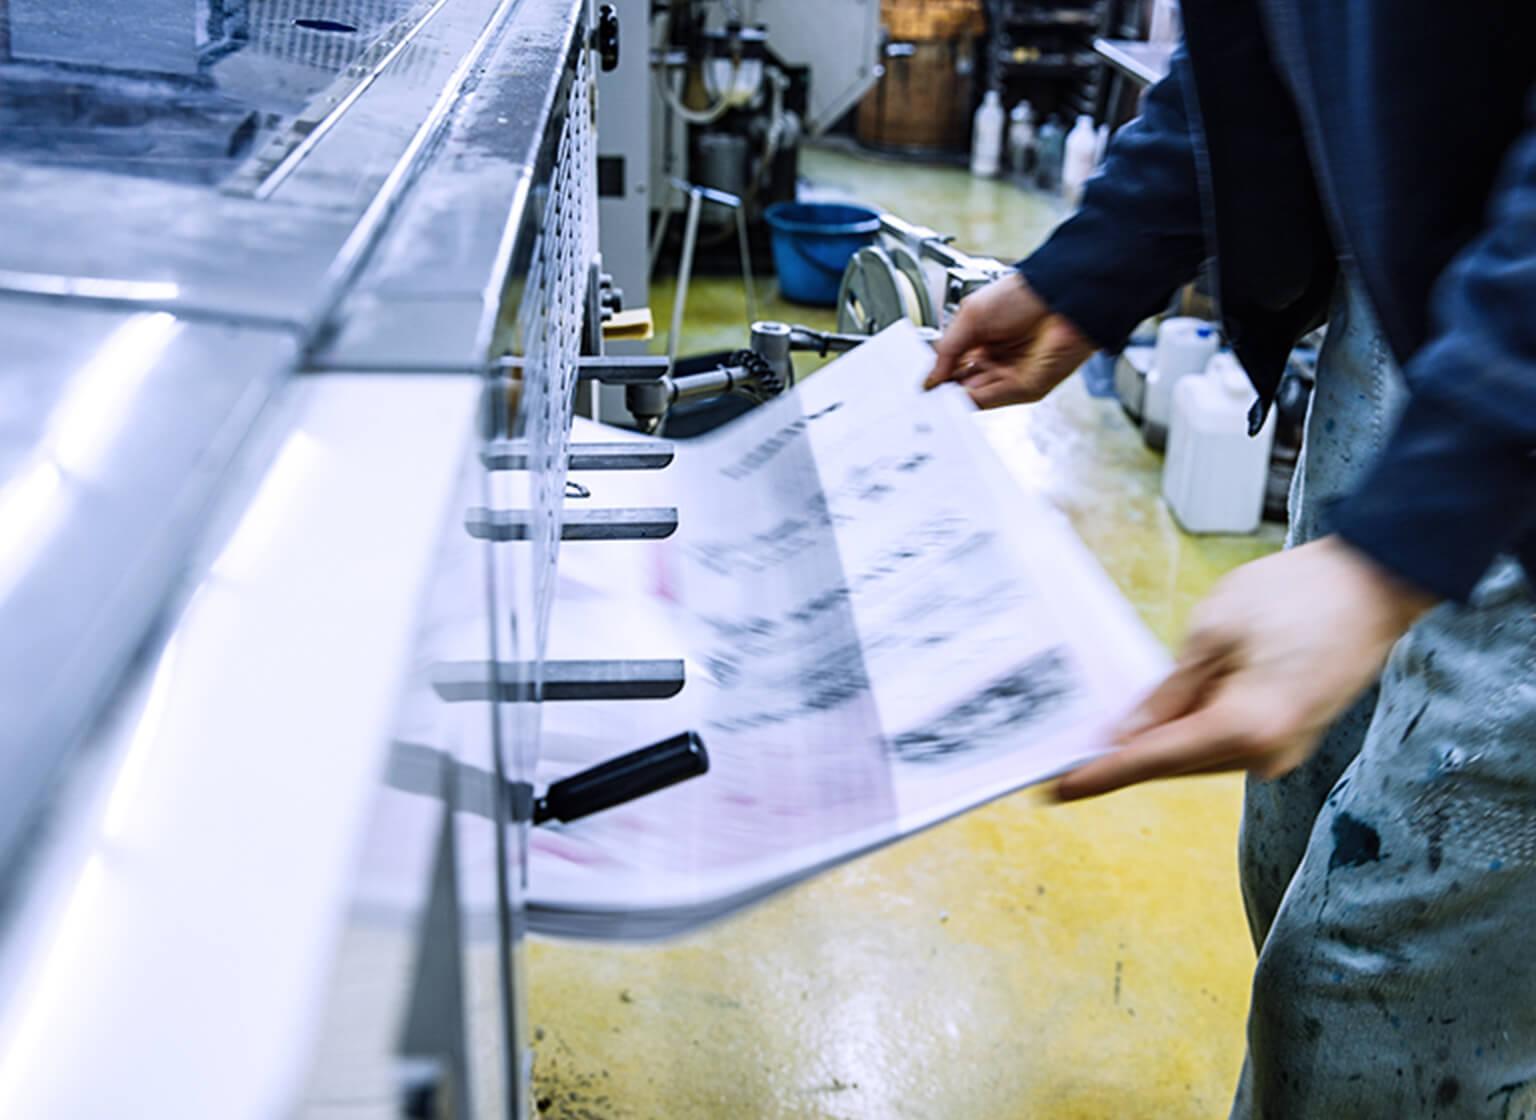 冊子・出版印刷のスマートフォン用イメージ画像